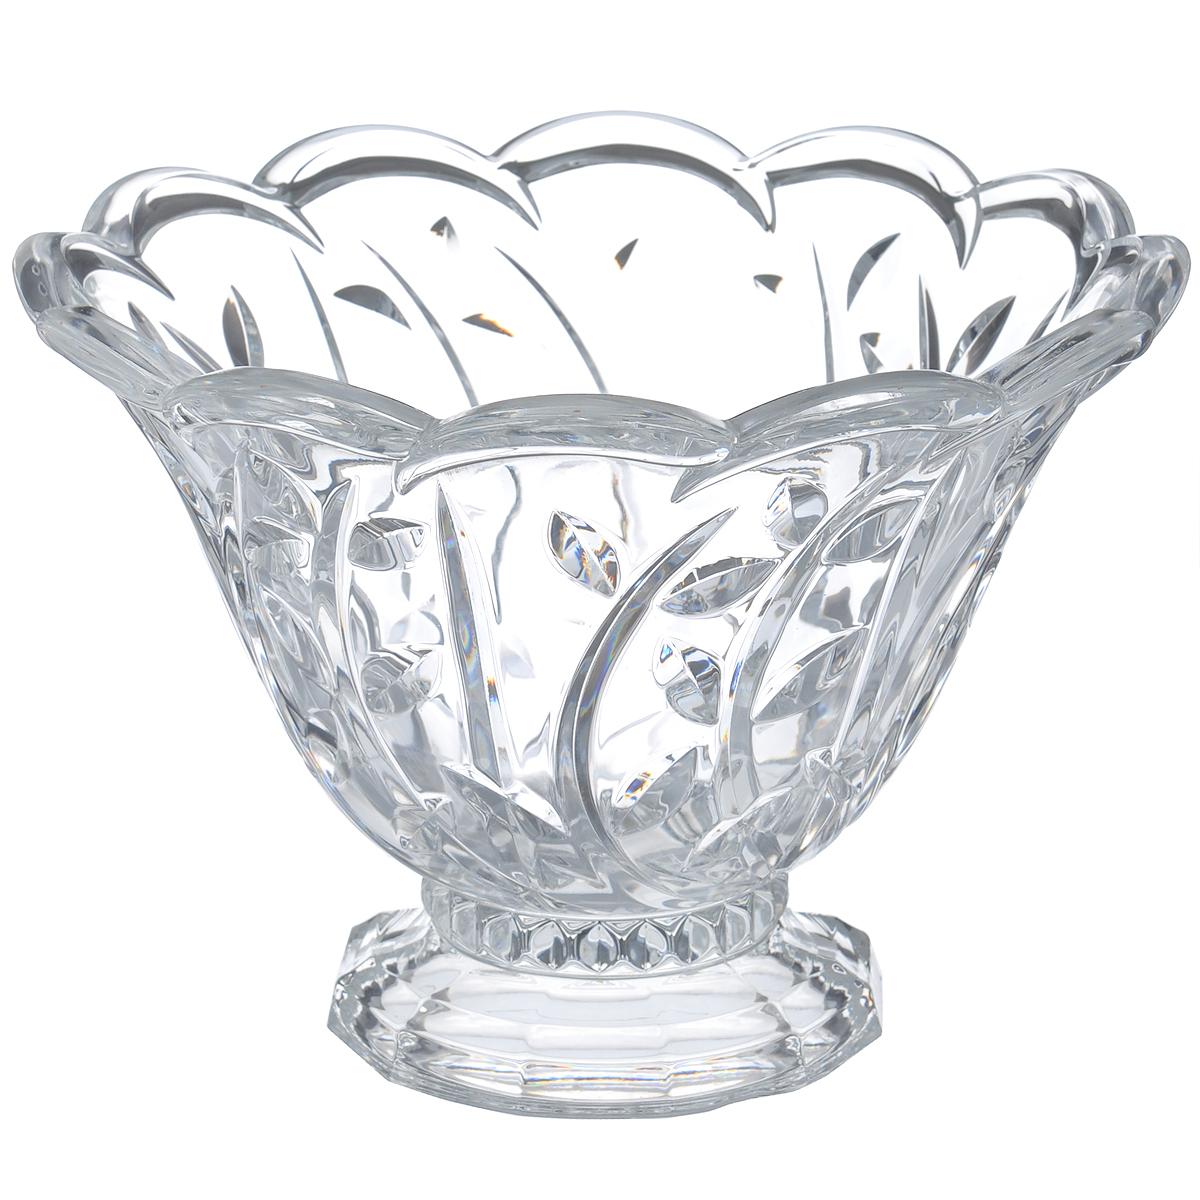 Салатник Crystal Bohemia Fairfa, диаметр 23 см990/67074/0/68972/230-109Салатник Crystal Bohemia Fairfa изготовлен из хрусталя и выполнен в форме большой чаши на подставке, декорированной рельефным изображением растений и волнистыми краями. Данный салатник сочетает в себе изысканный дизайн с максимальной функциональностью. Он прекрасно впишется в интерьер вашей кухни и станет достойным дополнением к кухонному инвентарю.Такой салатник не только украсит ваш кухонный стол и подчеркнет прекрасный вкус хозяйки, но и станет отличным подарком.Диаметр: 23 см. Высота: 16,5 см.